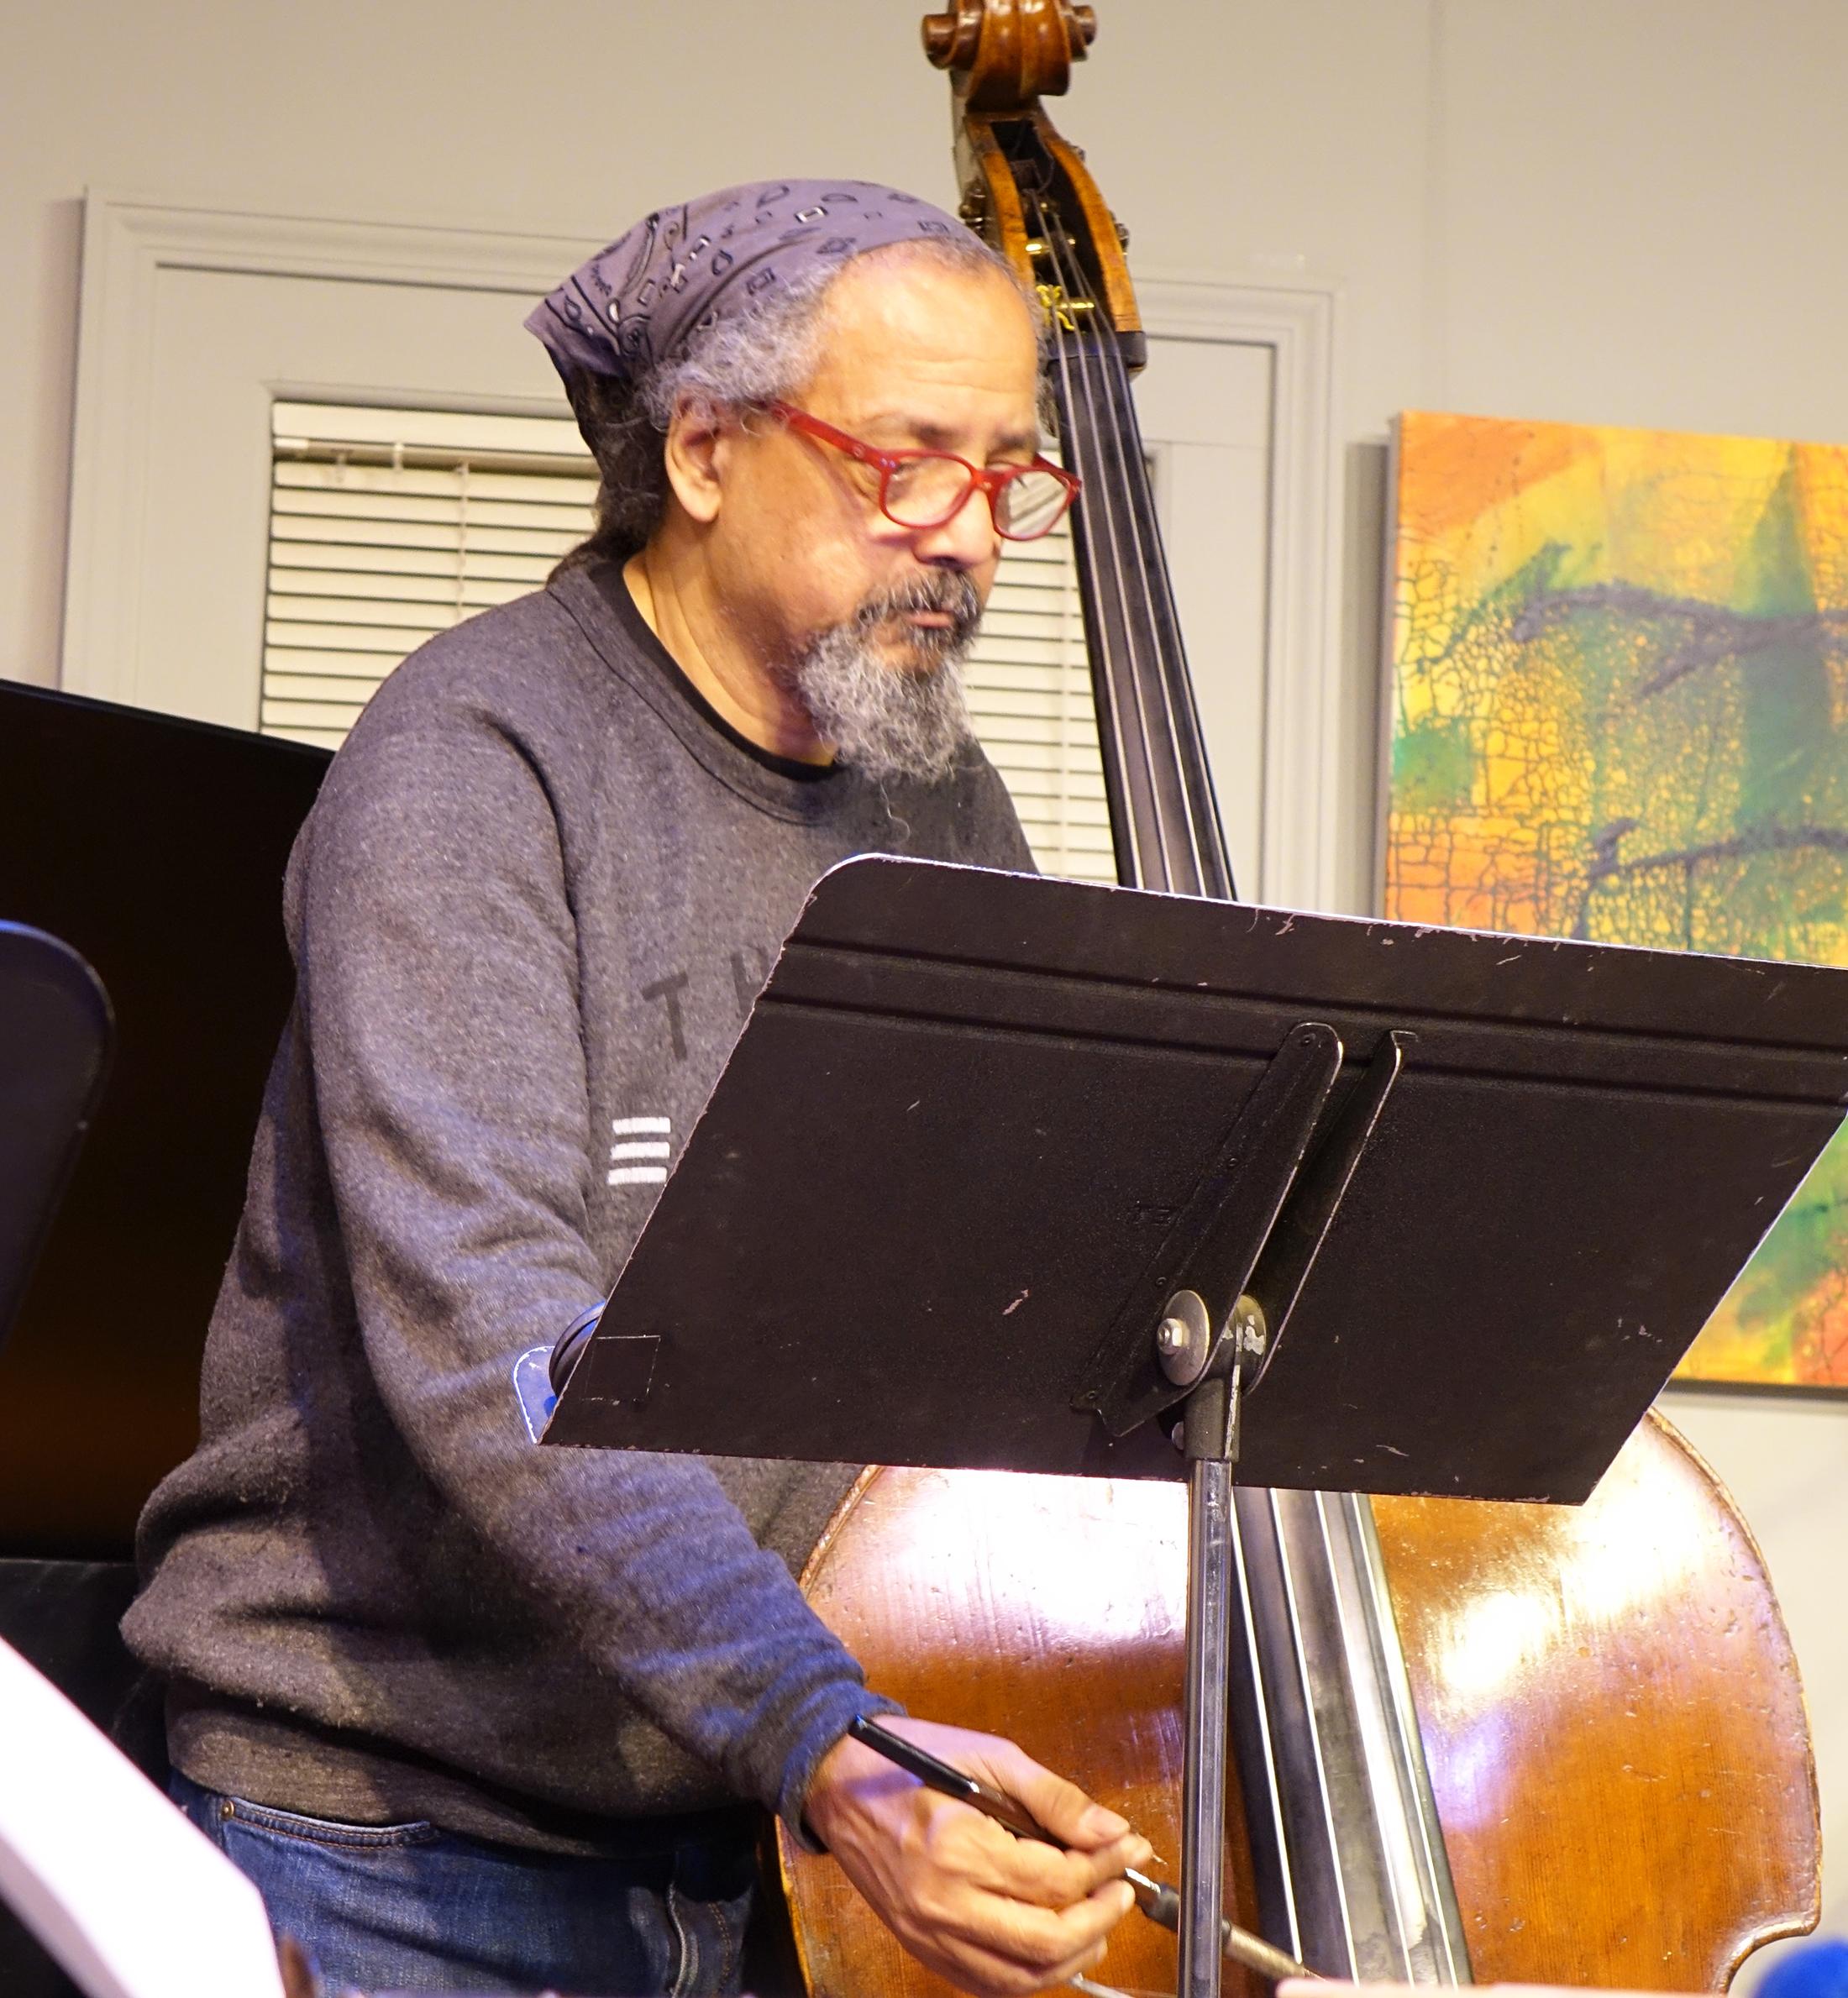 Jaribu Shahid at Edgefest 2018